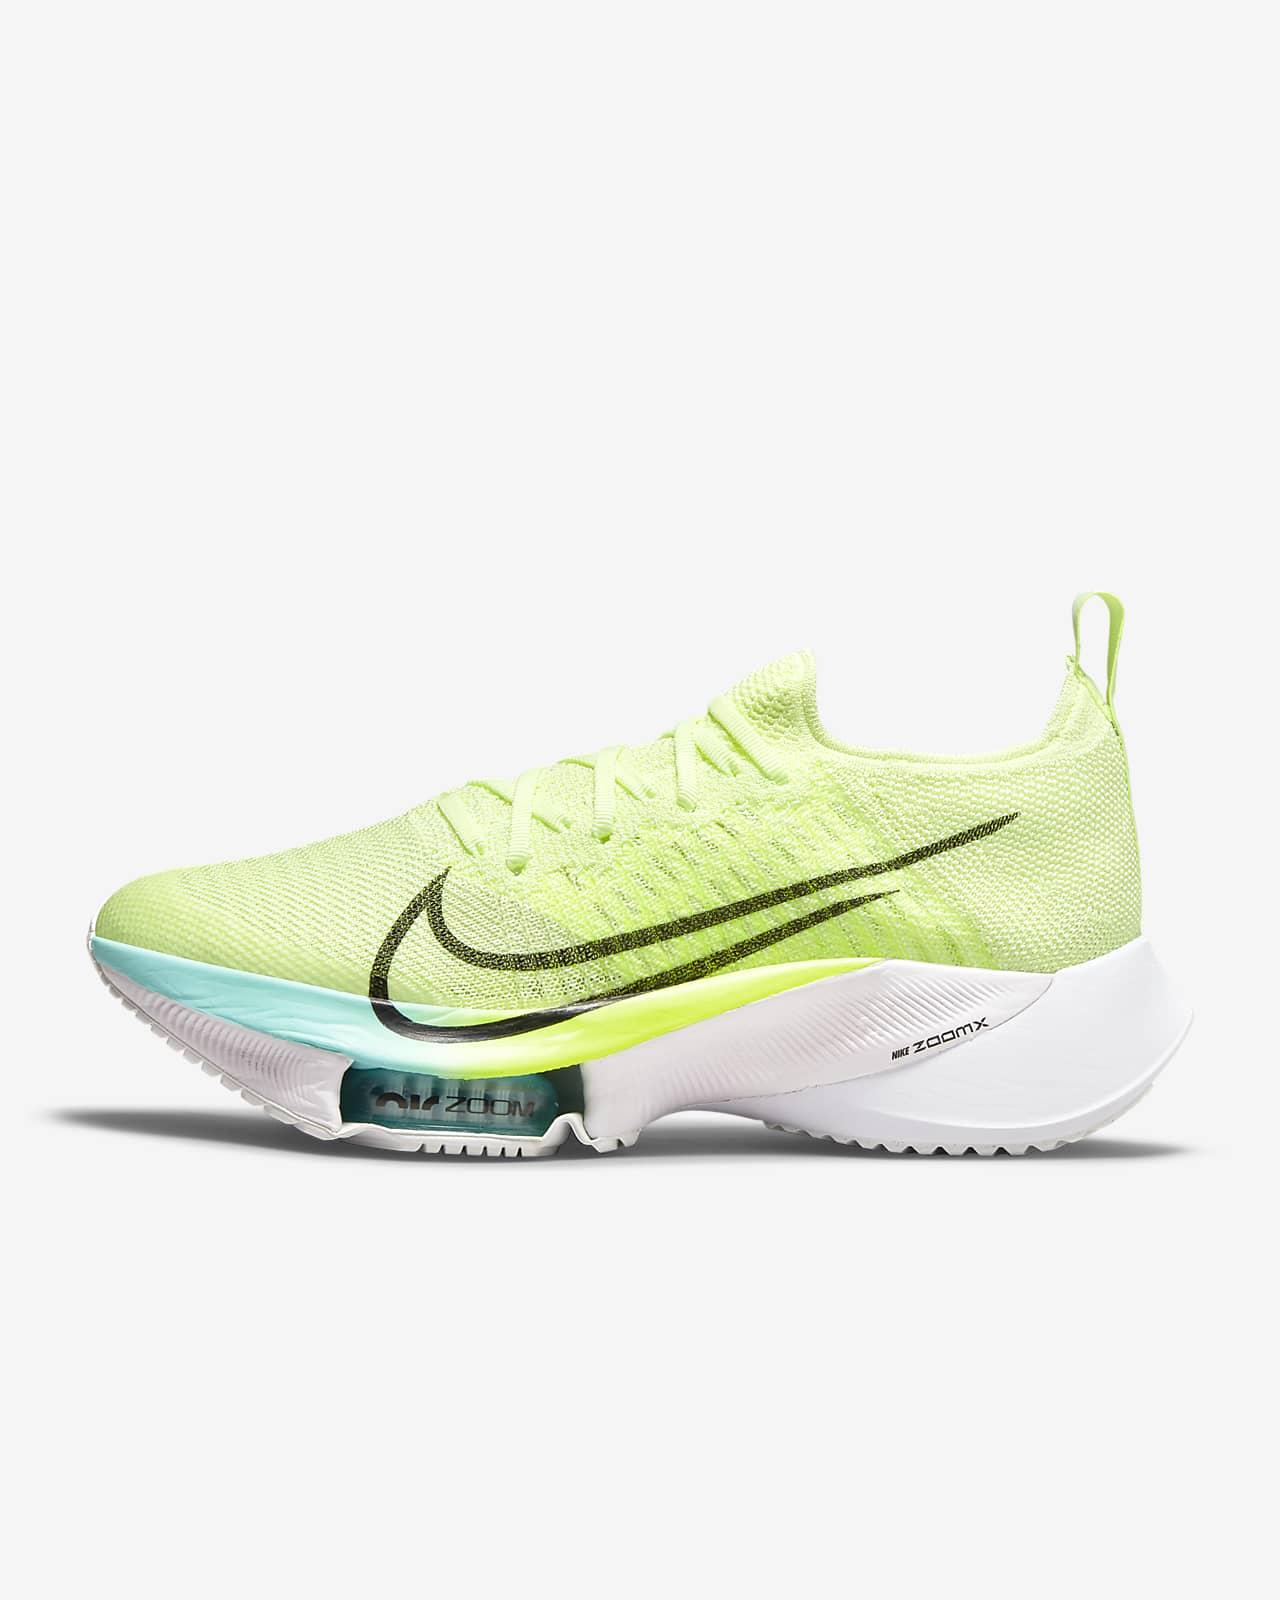 Женские кроссовки для бега по шоссе Nike Air Zoom Tempo NEXT%